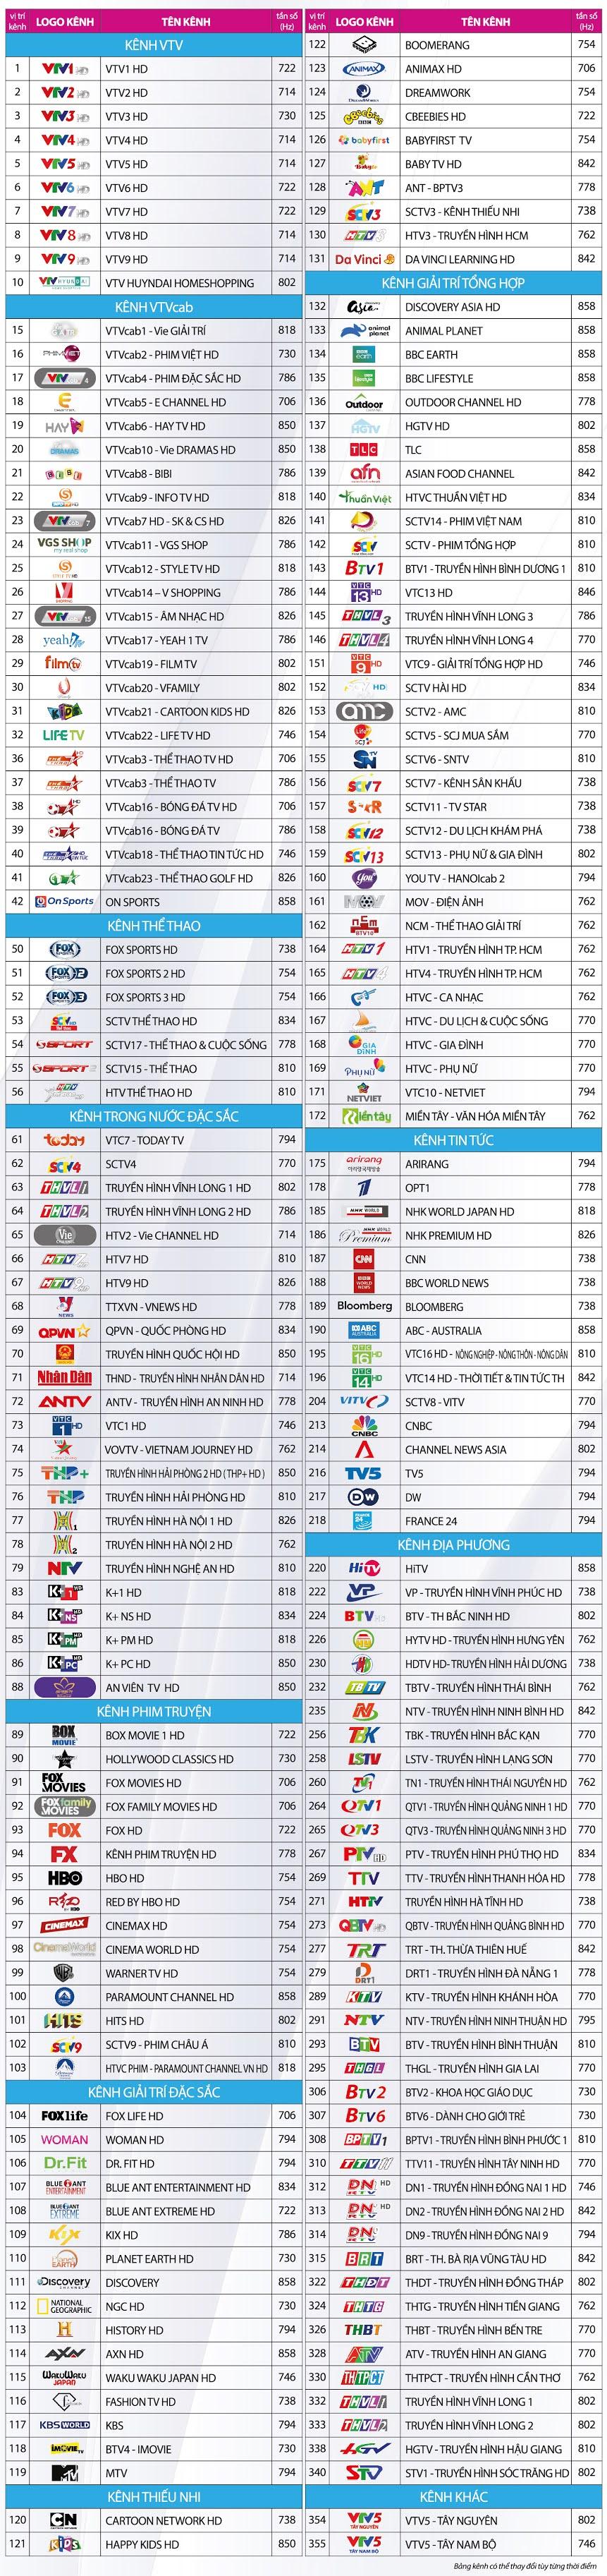 Danh sách các kênh trên hệ thống của VTVCab tại Tiền Giang